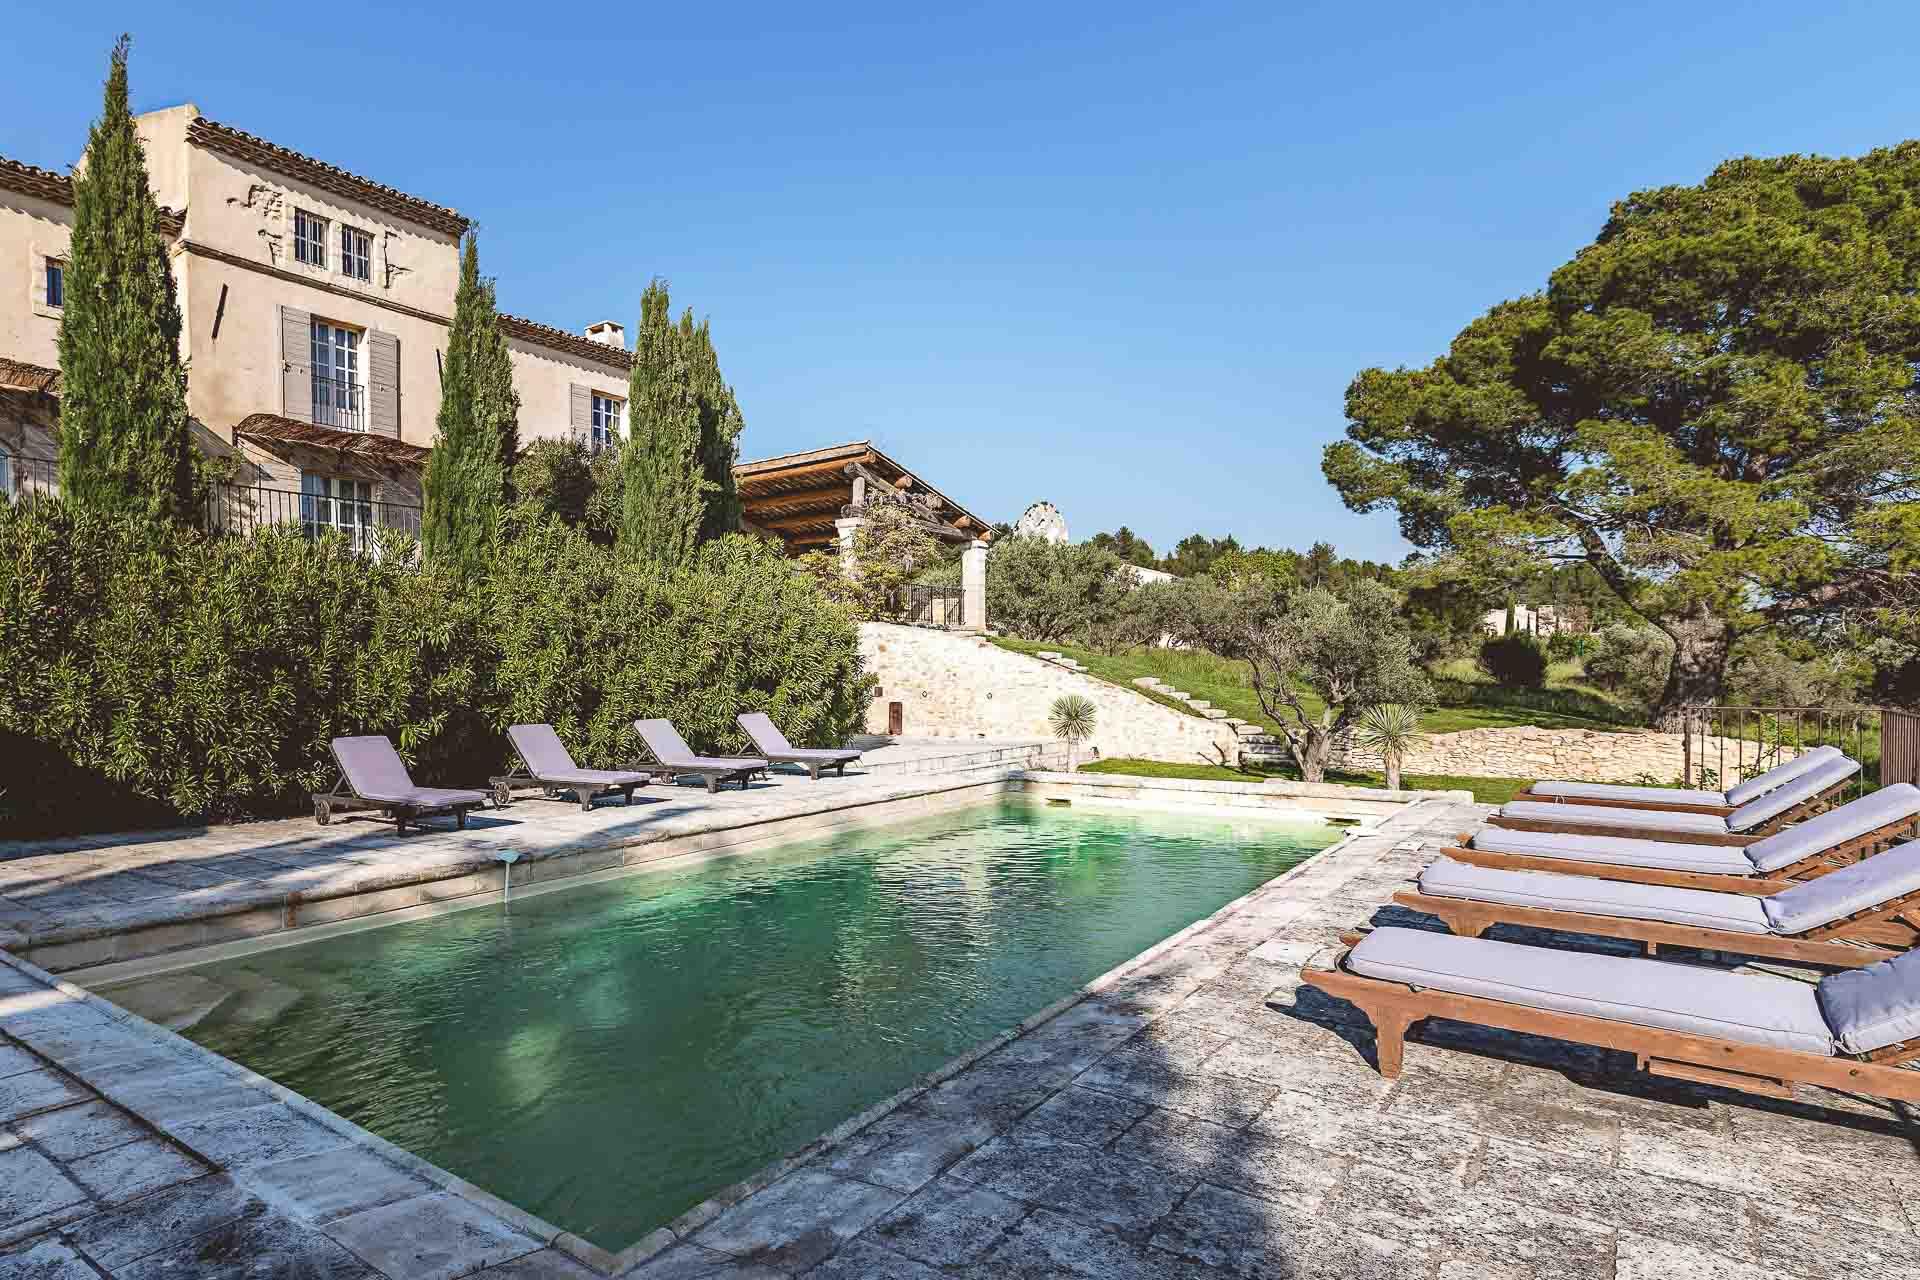 Adossé aux collines où chantent les cigales, et à deux pas de l'un des plus charmants villages de France, les Baux-de-Provence, le Hameau des Baux est une oasis de verdure où l'on est reçu en ami. Découverte d'une adresse .